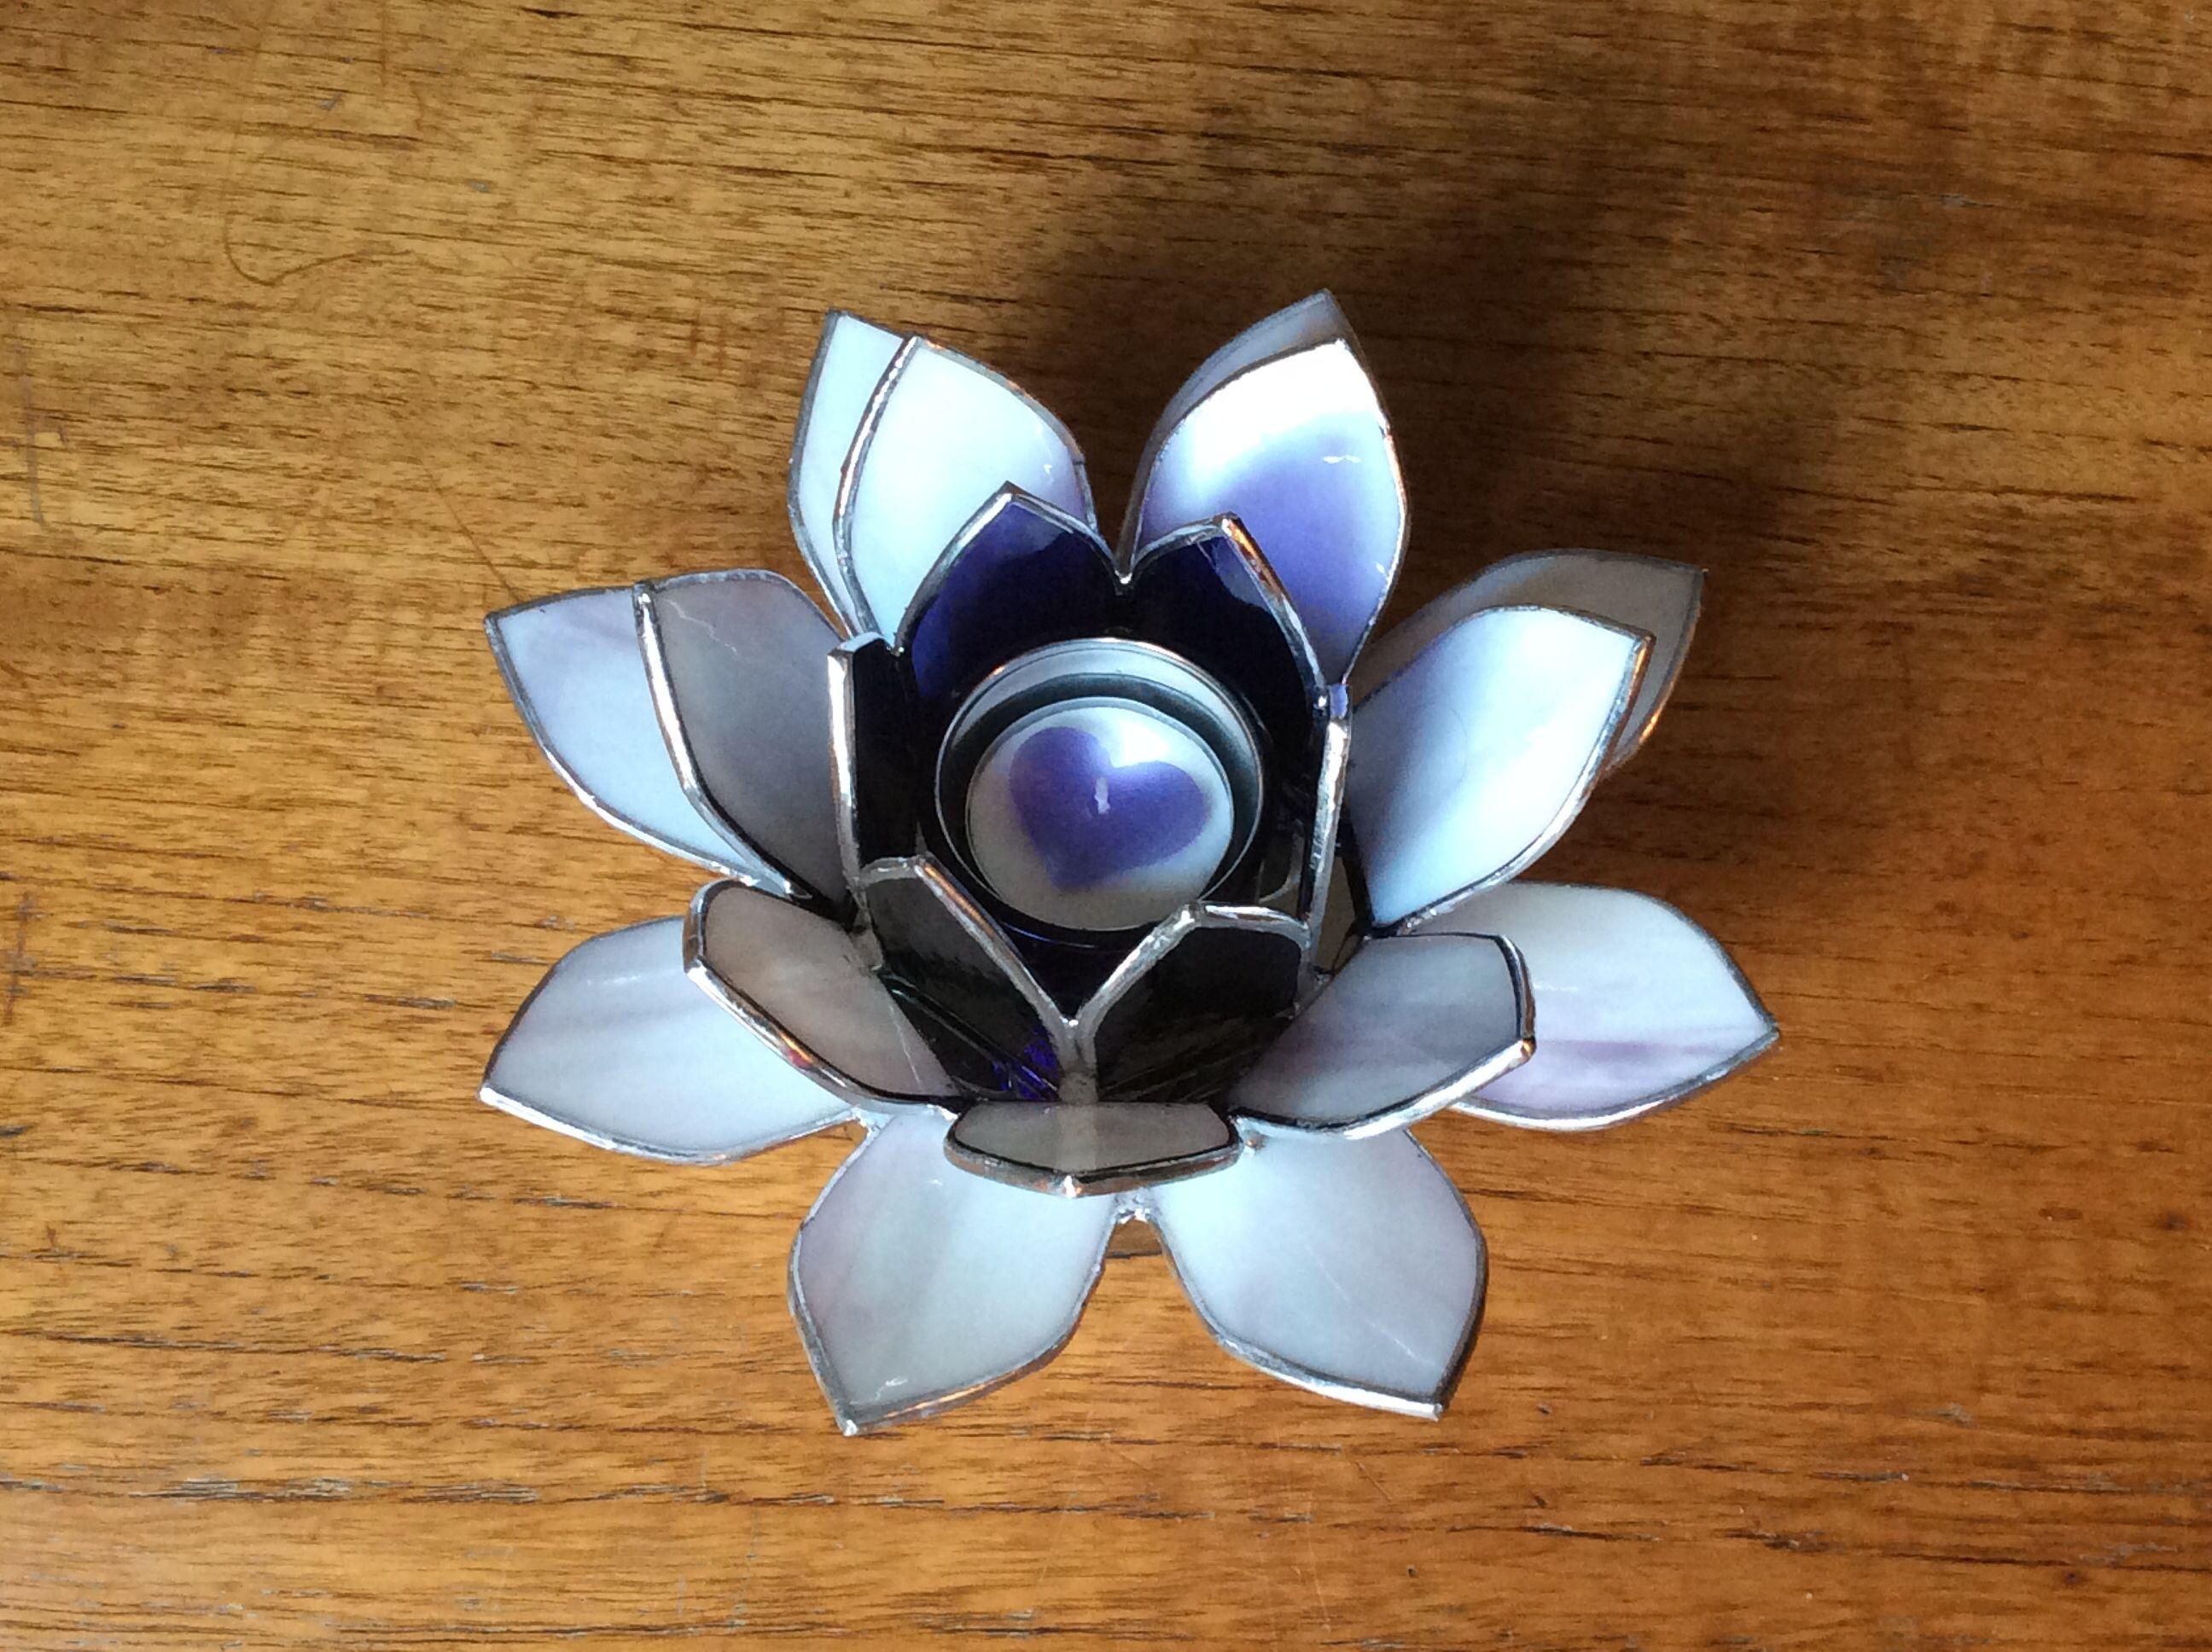 Lotus flower tea light holder in stained glass glass delight lotus flower tea light holder in stained glass izmirmasajfo